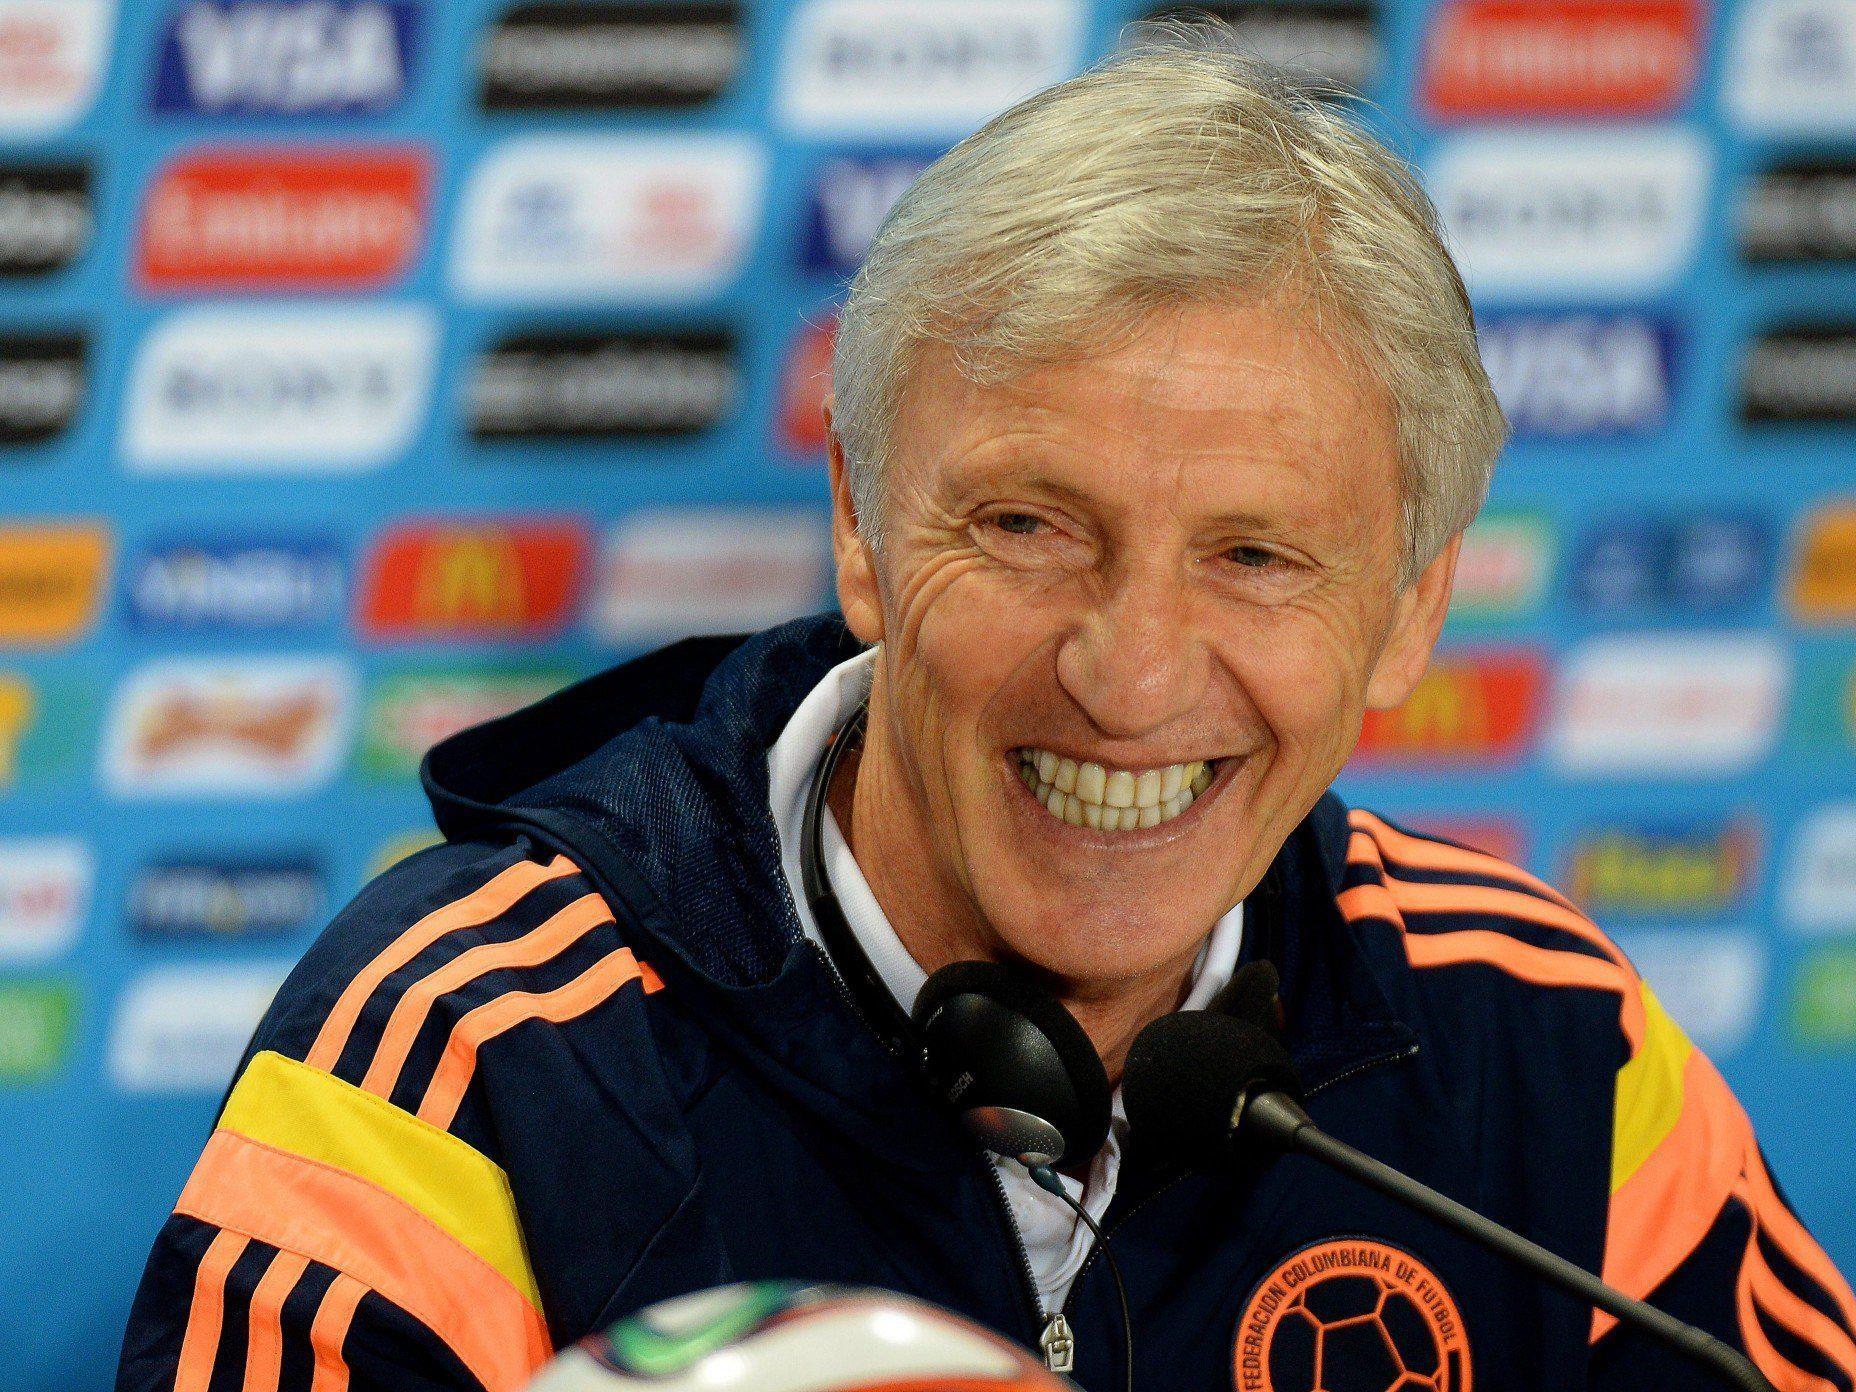 Kolumbiens Teamchef Jose Pekerman will für Verwirrung beim Gegner sorgen.